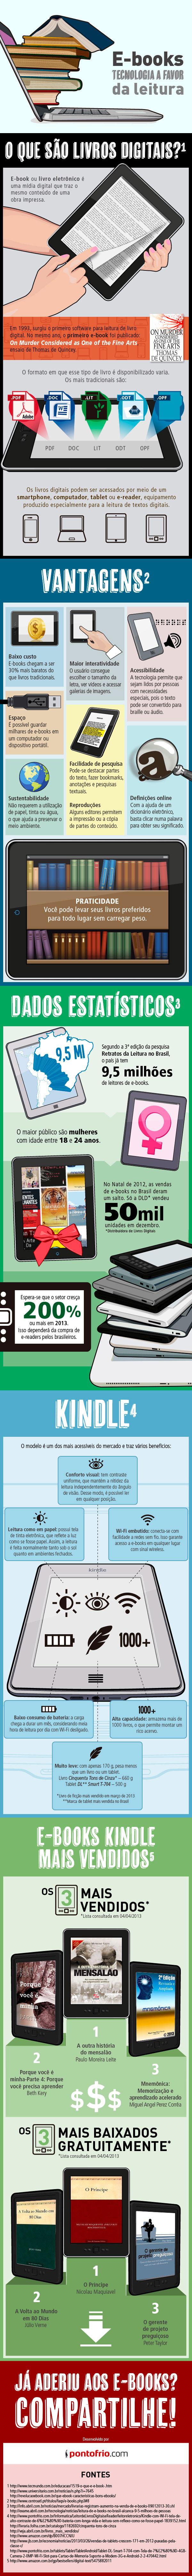 Infografico - O mercado de e-books no Brasil